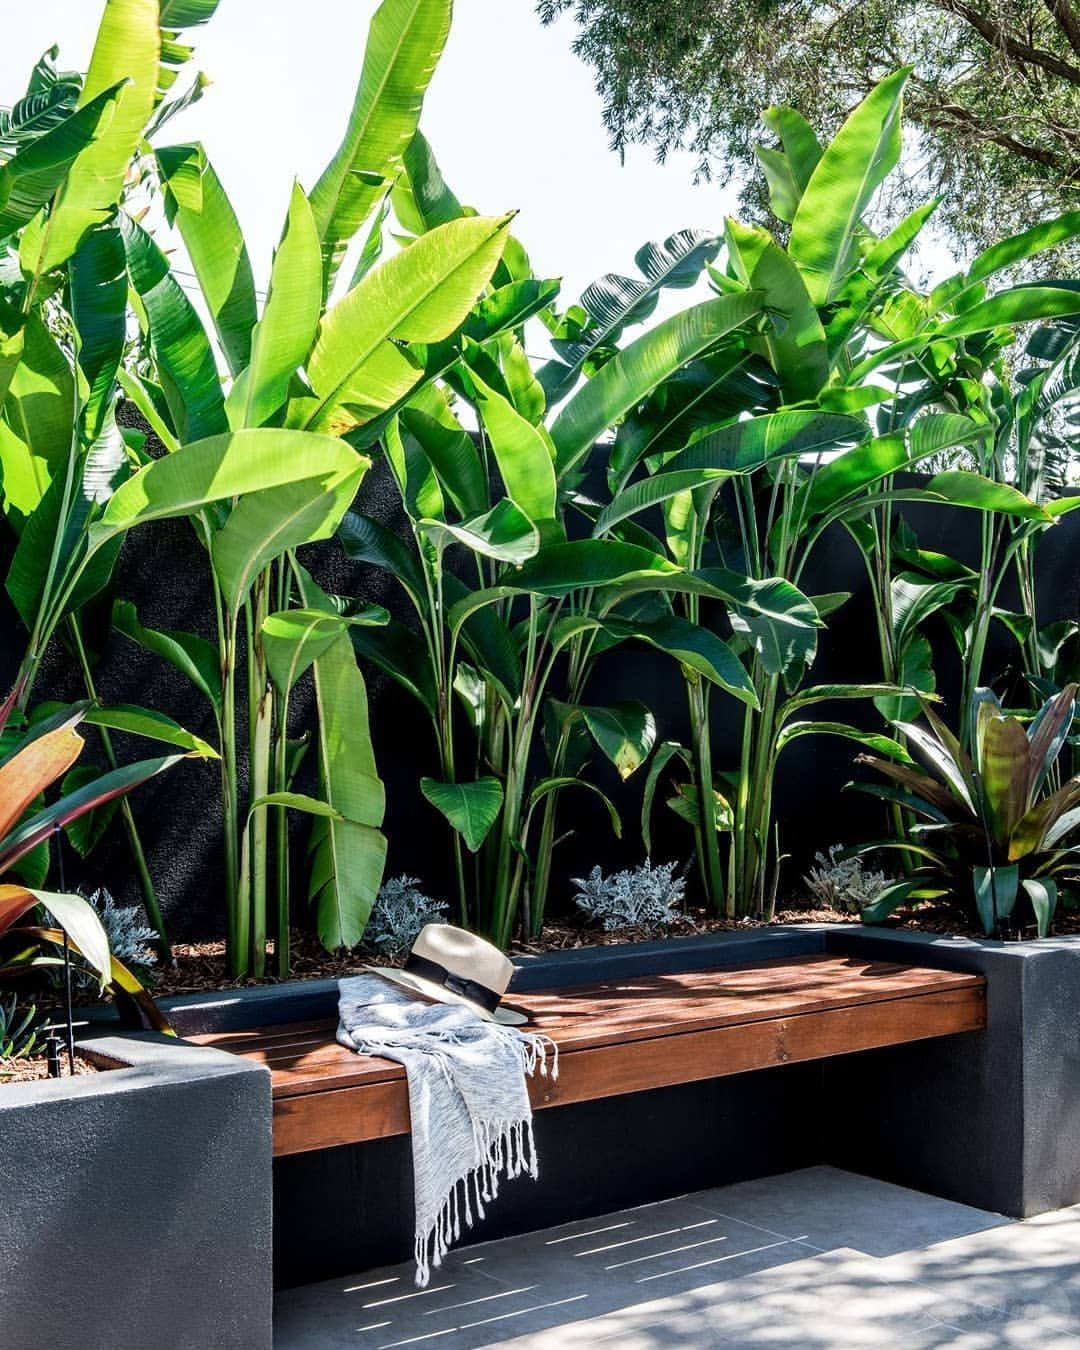 tropical garden ideas-339177415686071068